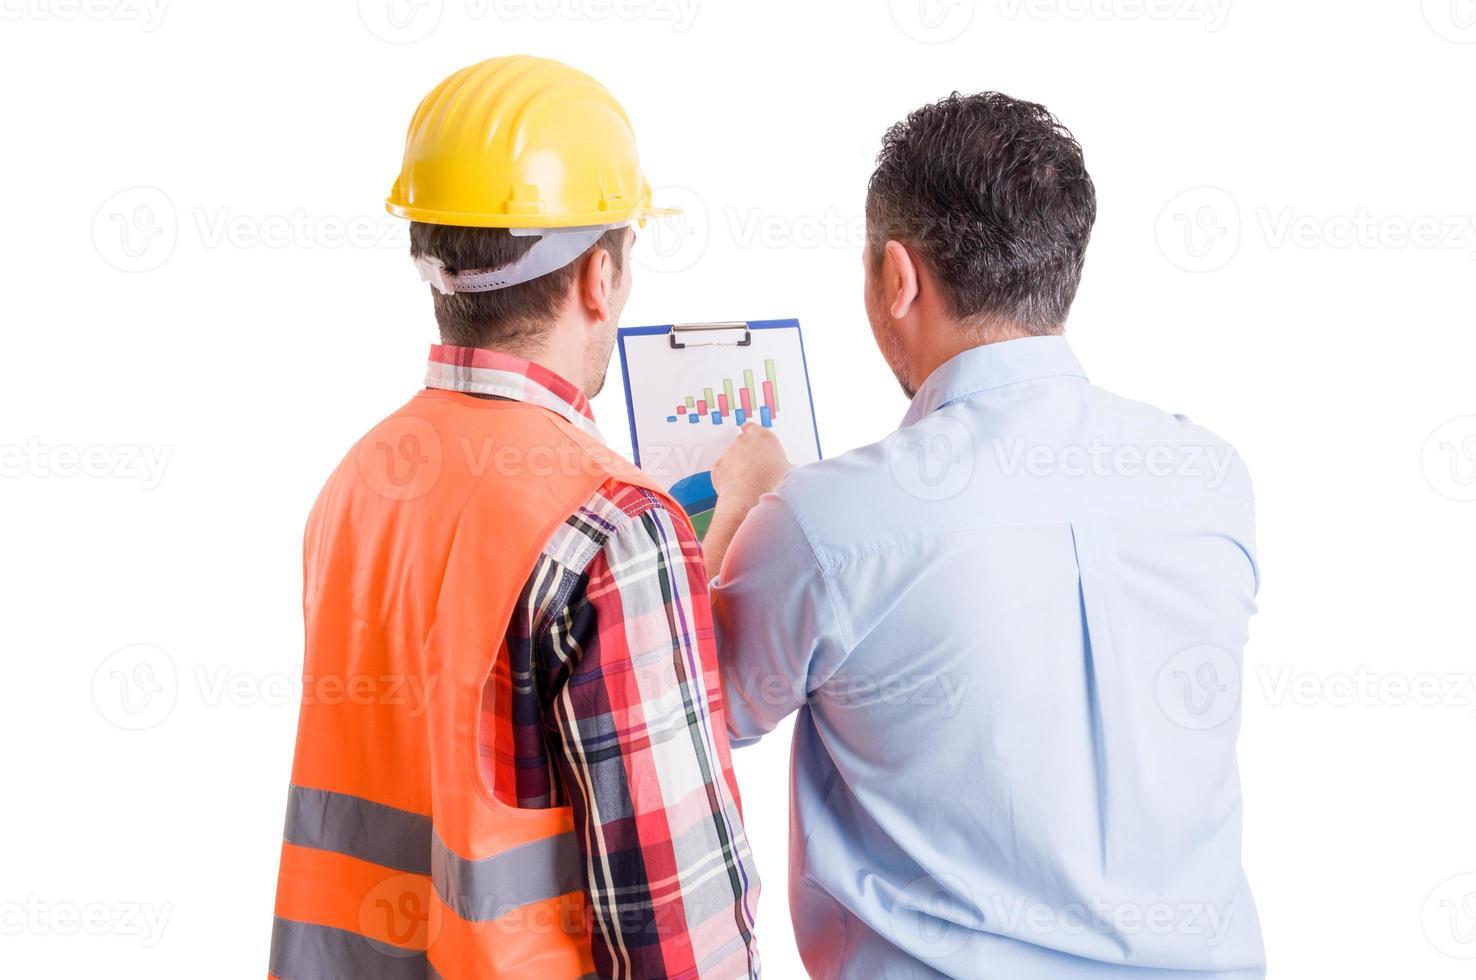 Geschäftsentwickler und Bauunternehmer diskutieren Diagramme foto